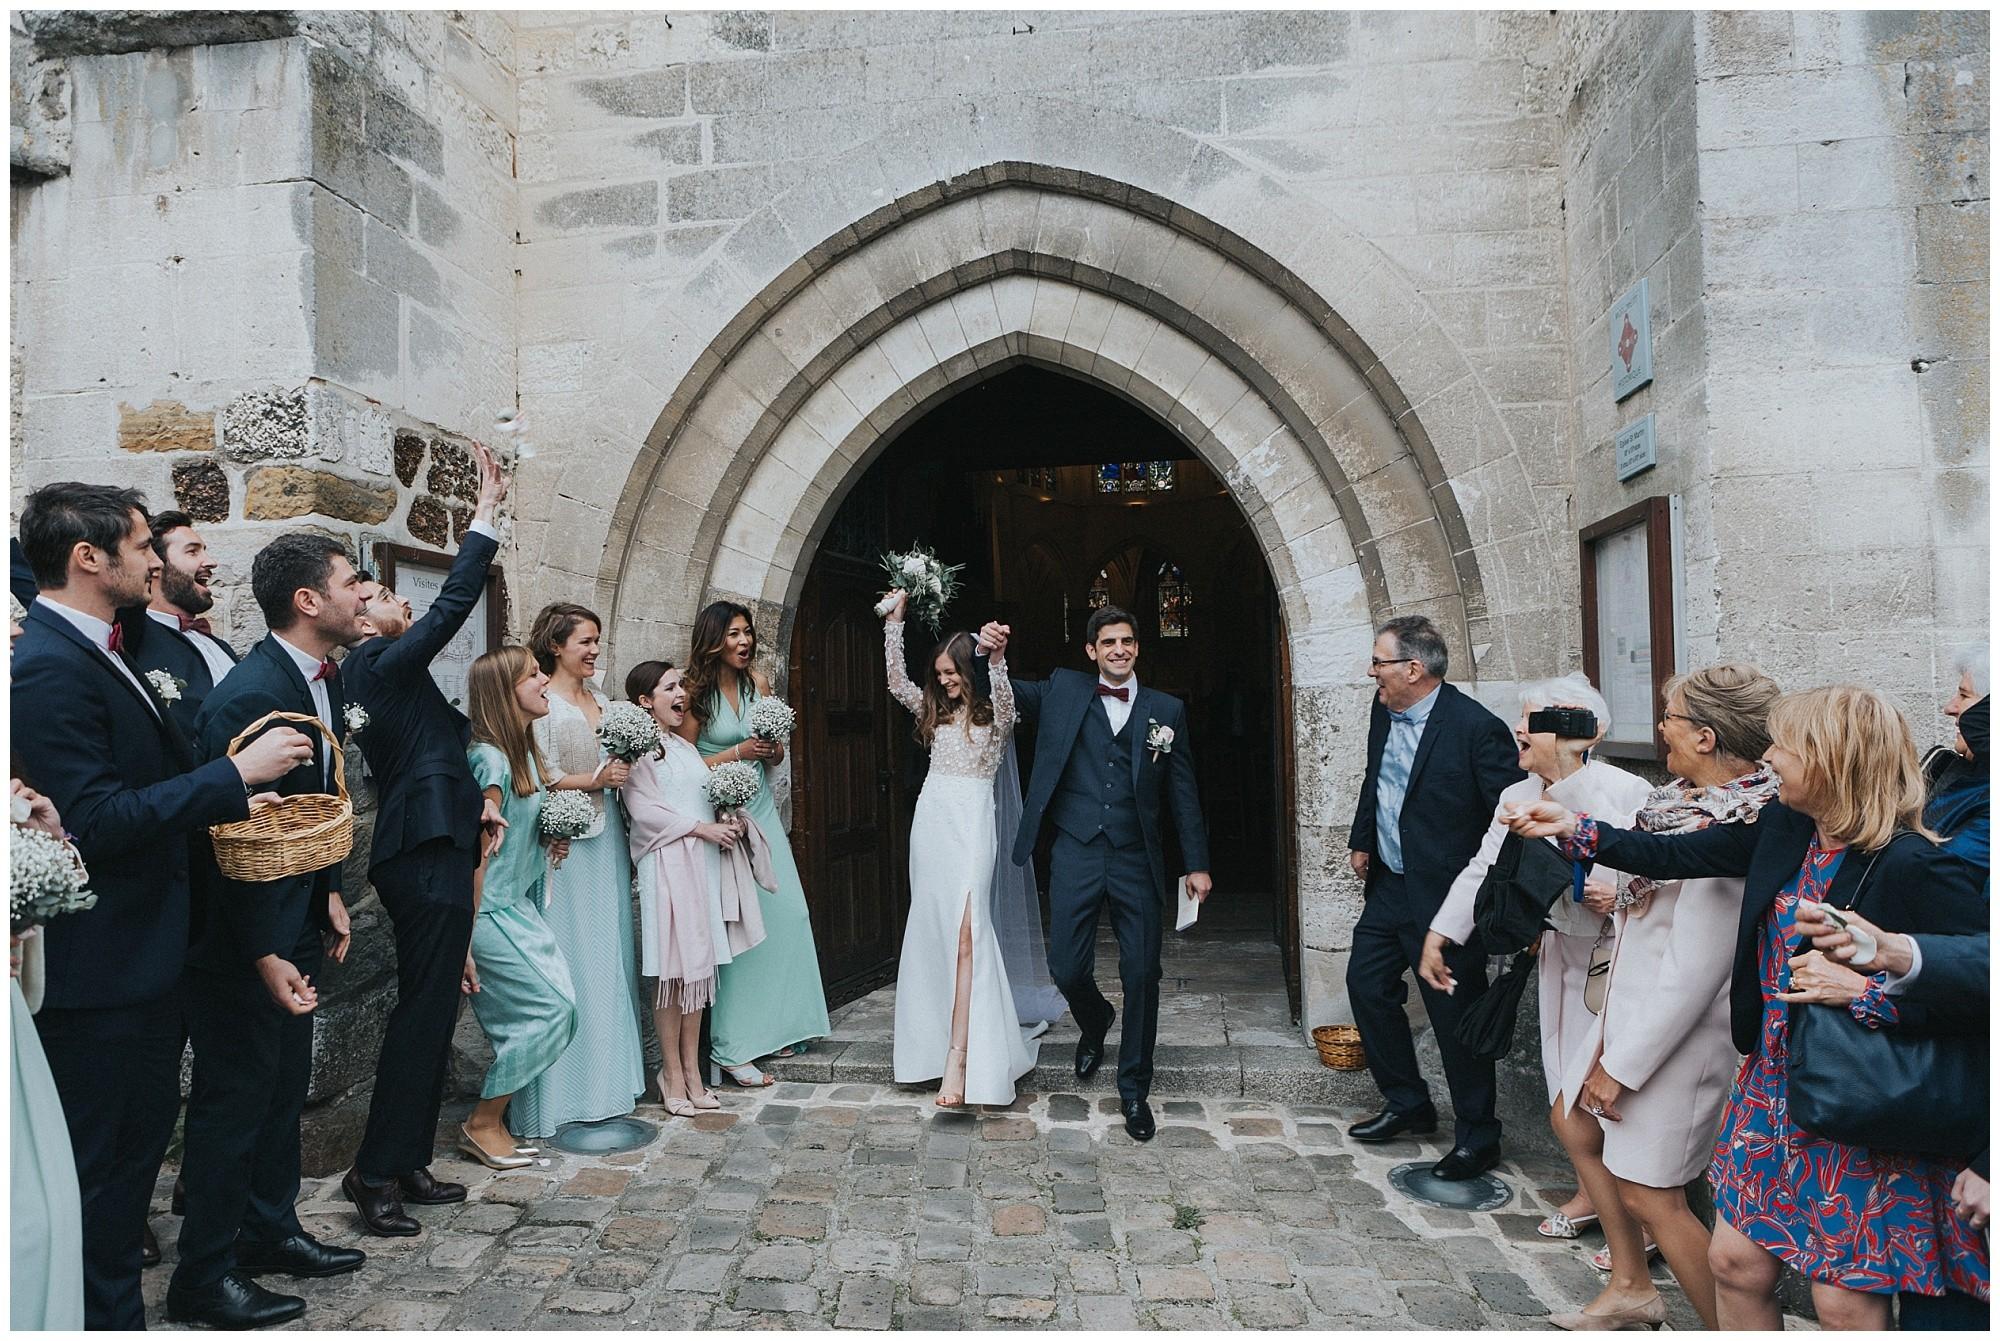 Kateryna-photos-photographer-rouen-domaine-des-evis-mariage-normandie-celebration-sortie-eglise-Eglise Saint-Martin-de-Nonancourt